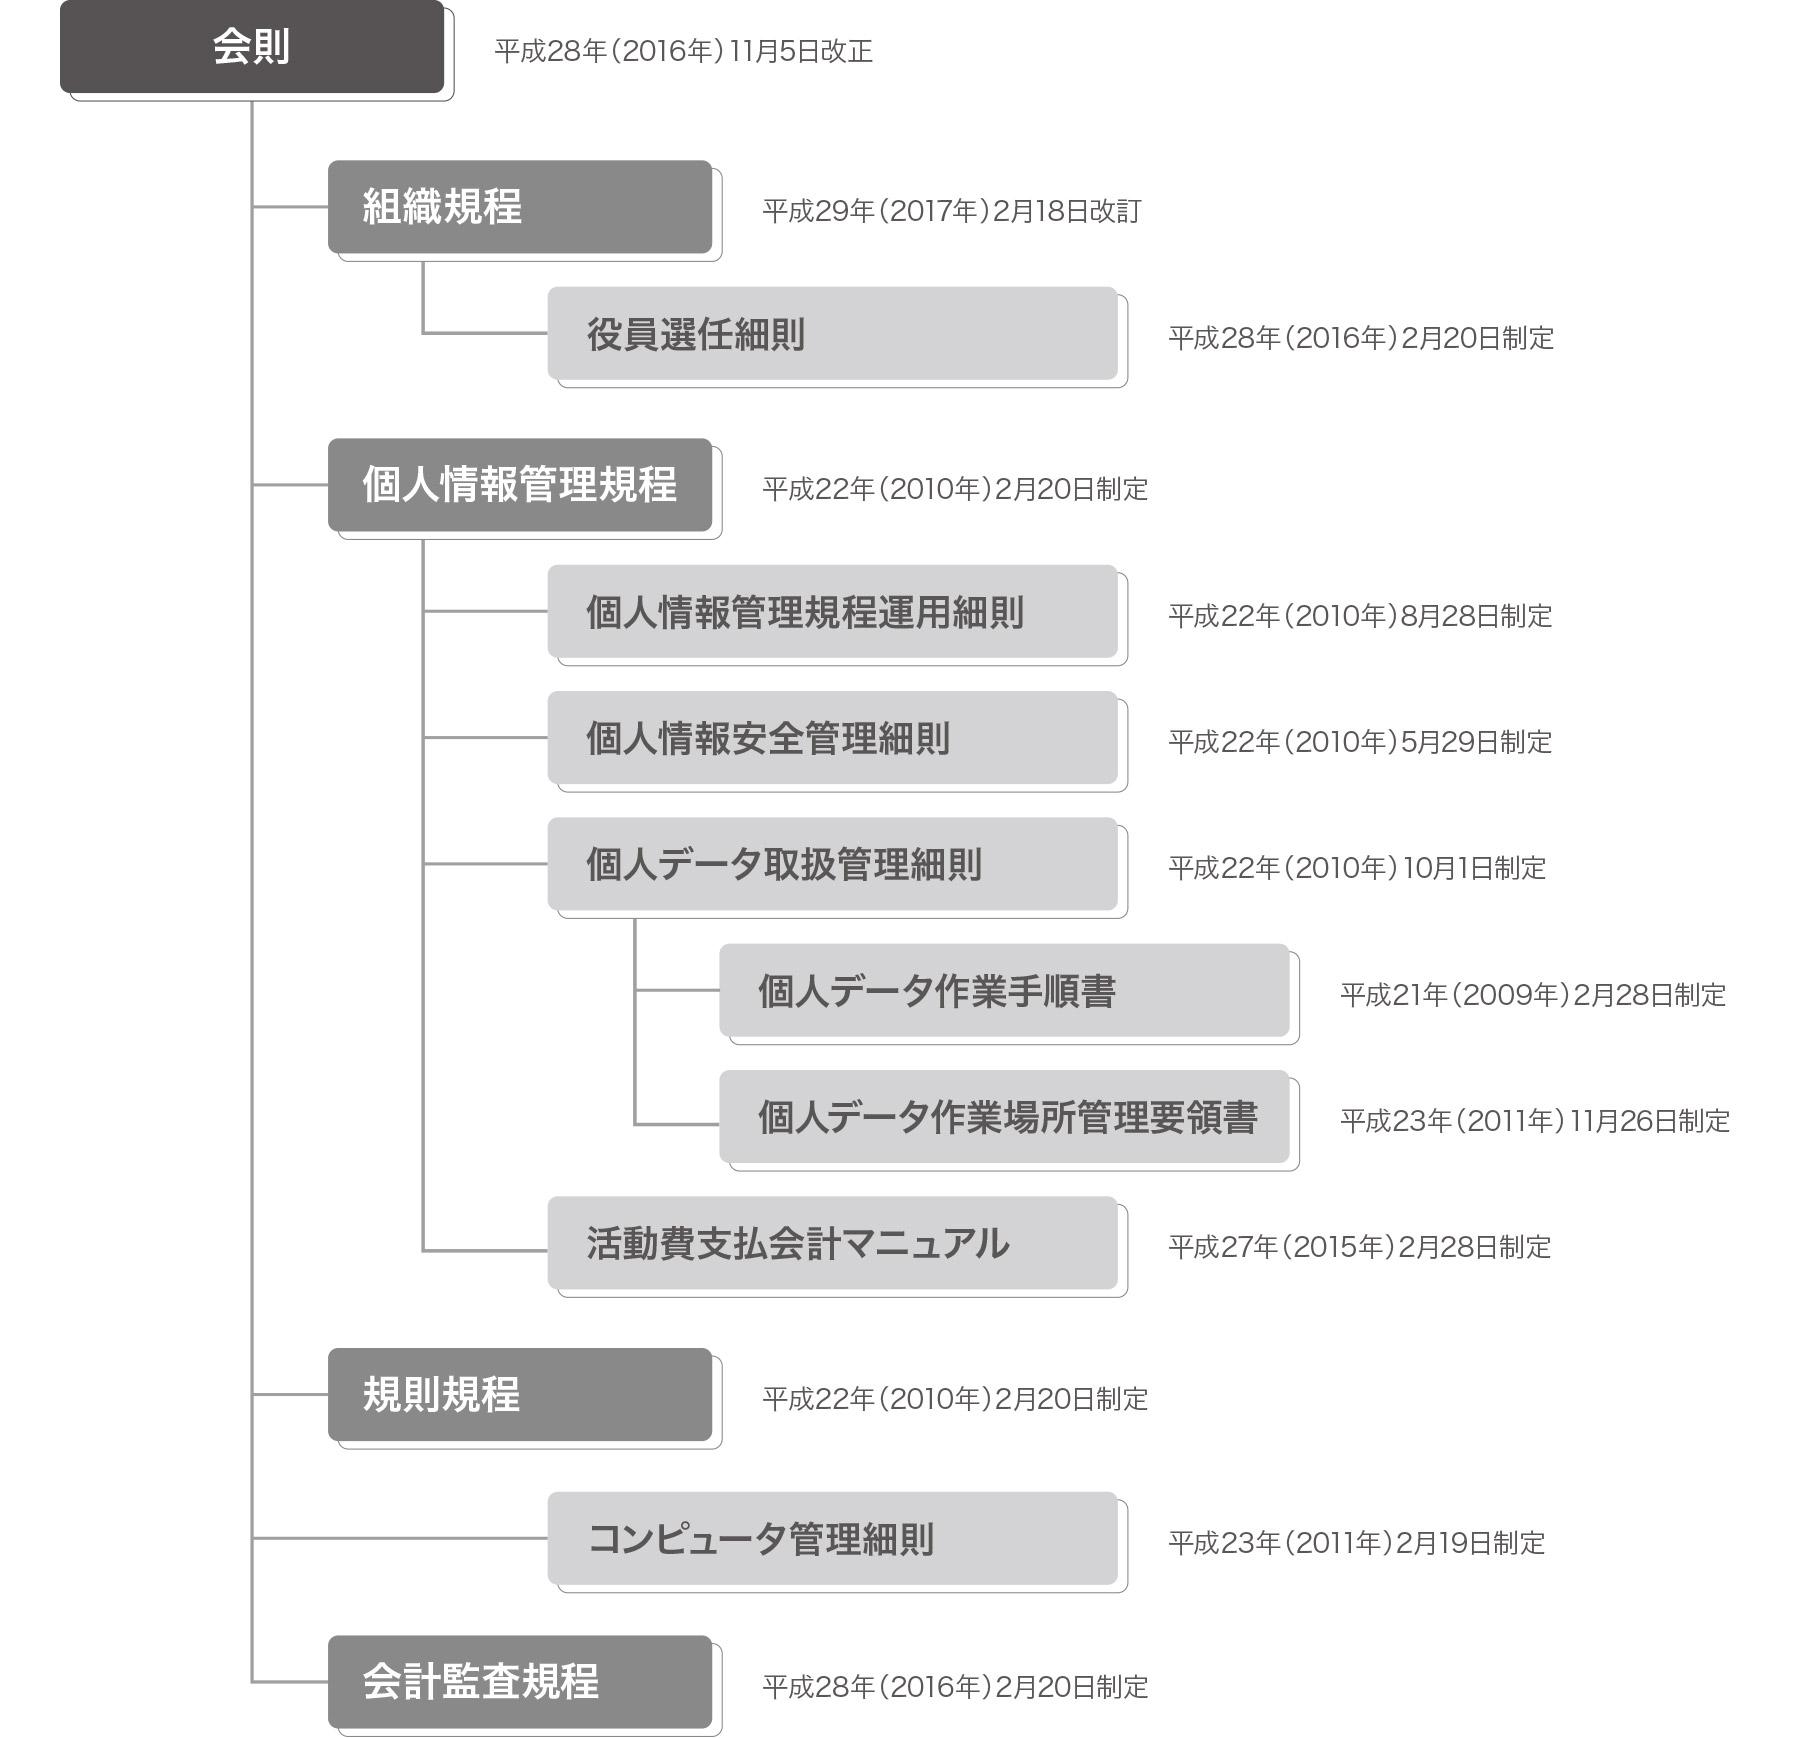 規則体系図